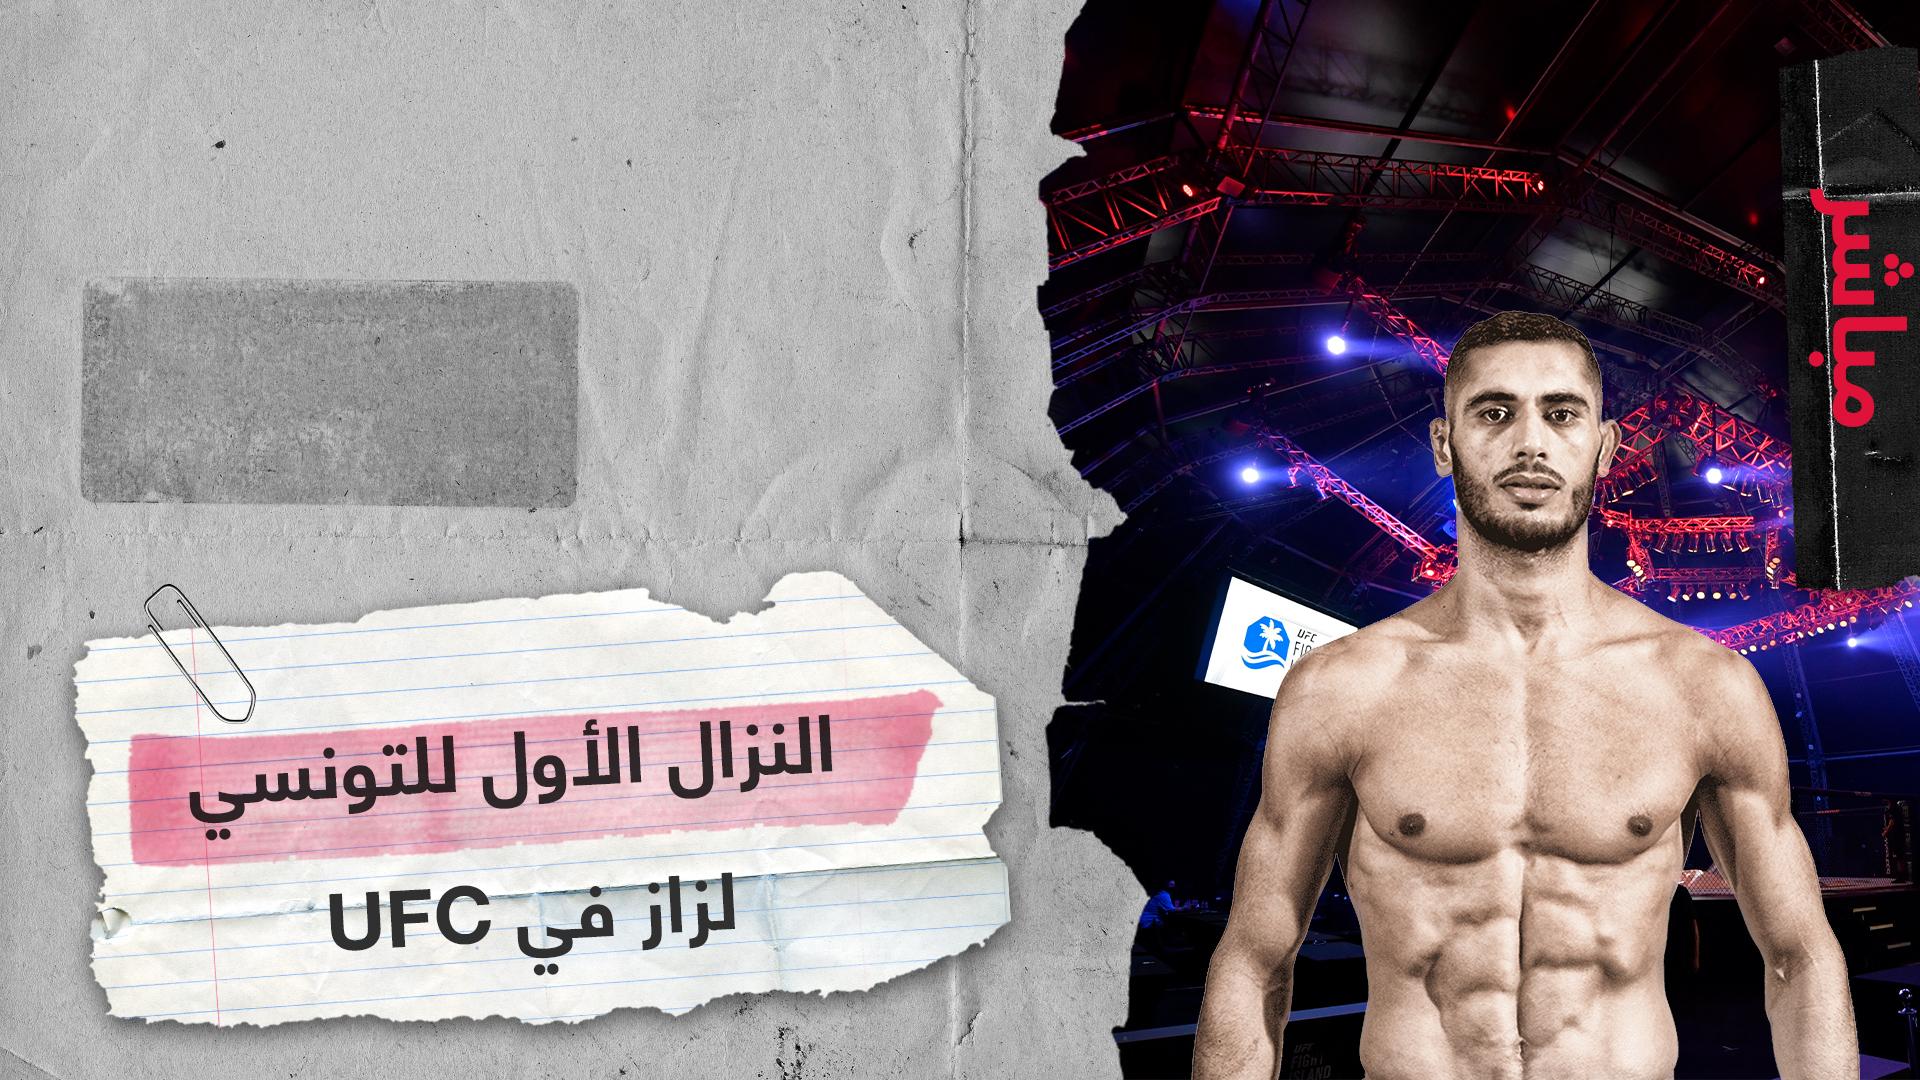 التونسي لزاز يخوض غدا أولى مواجهاته داخل UFC في